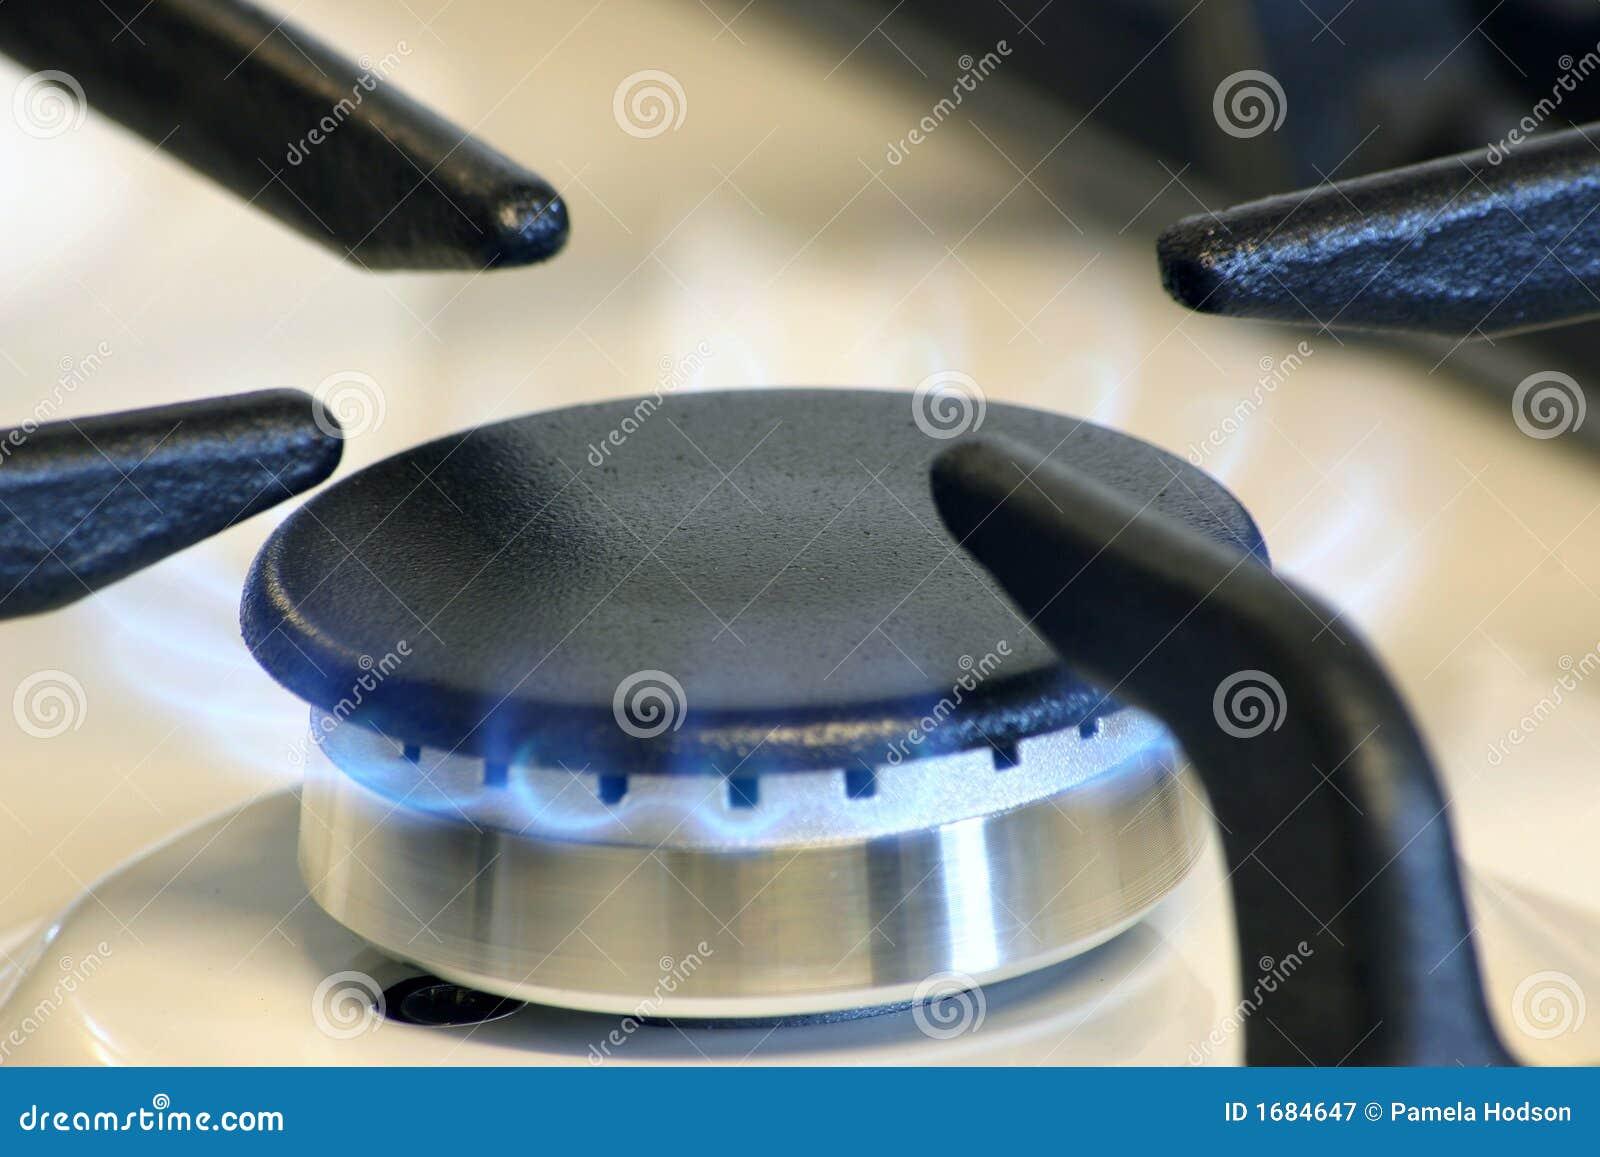 Wohnwand nuss beste von zuhause design ideen for Gasbrenner küche